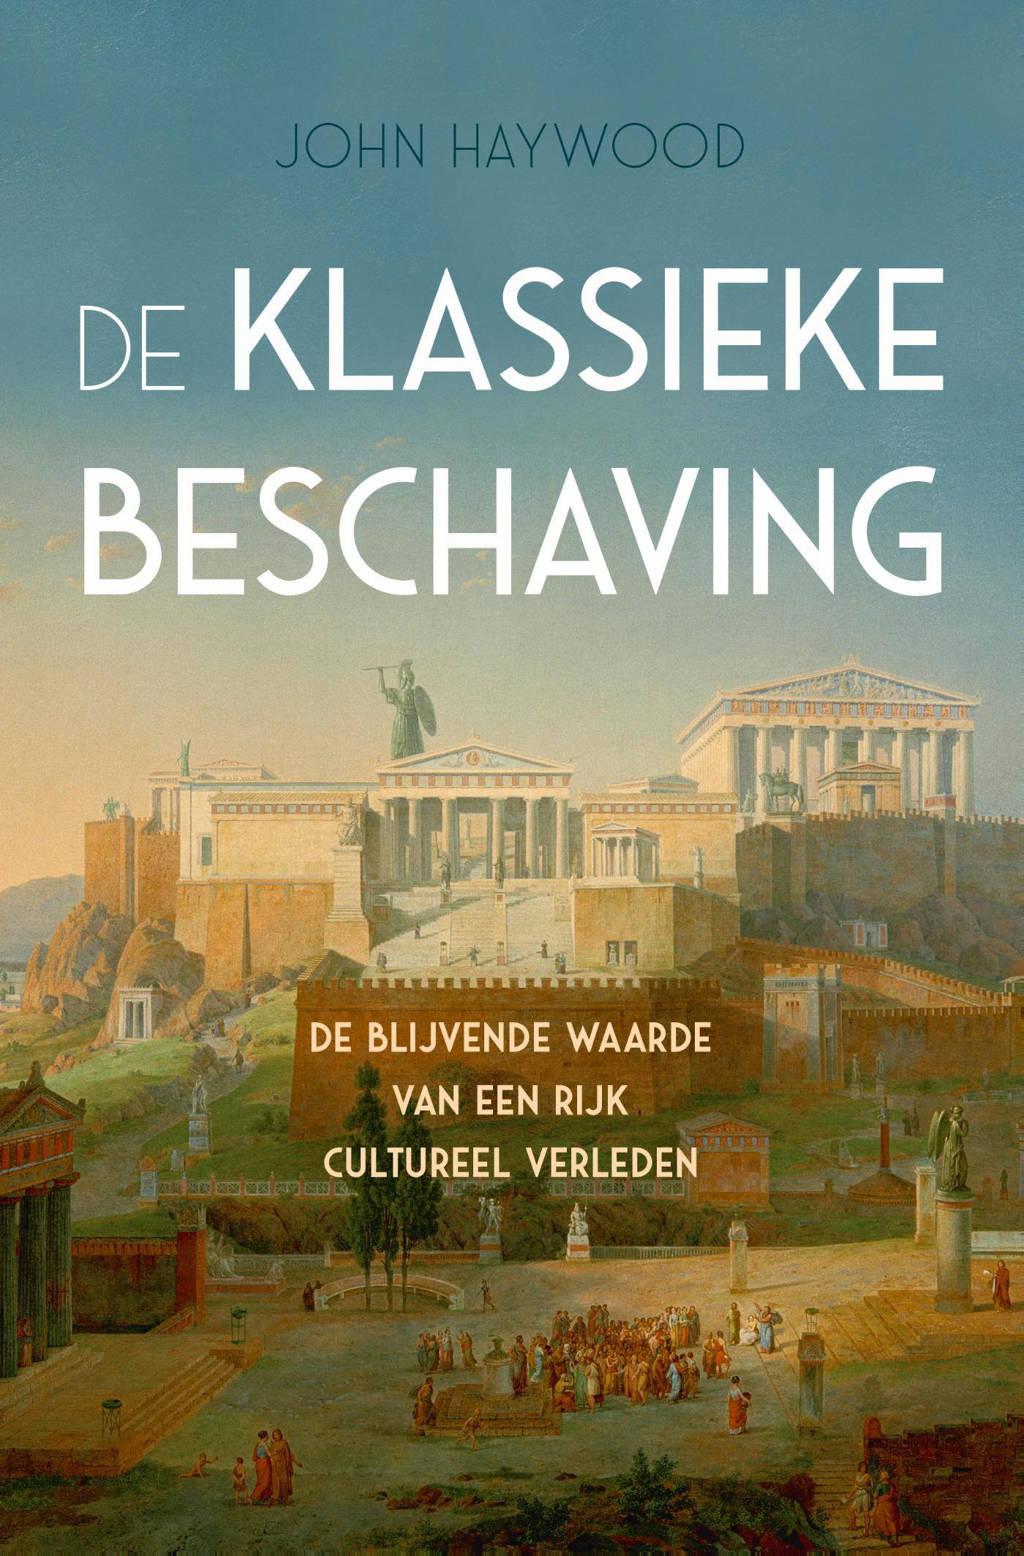 De klassieke beschaving - John Haywood